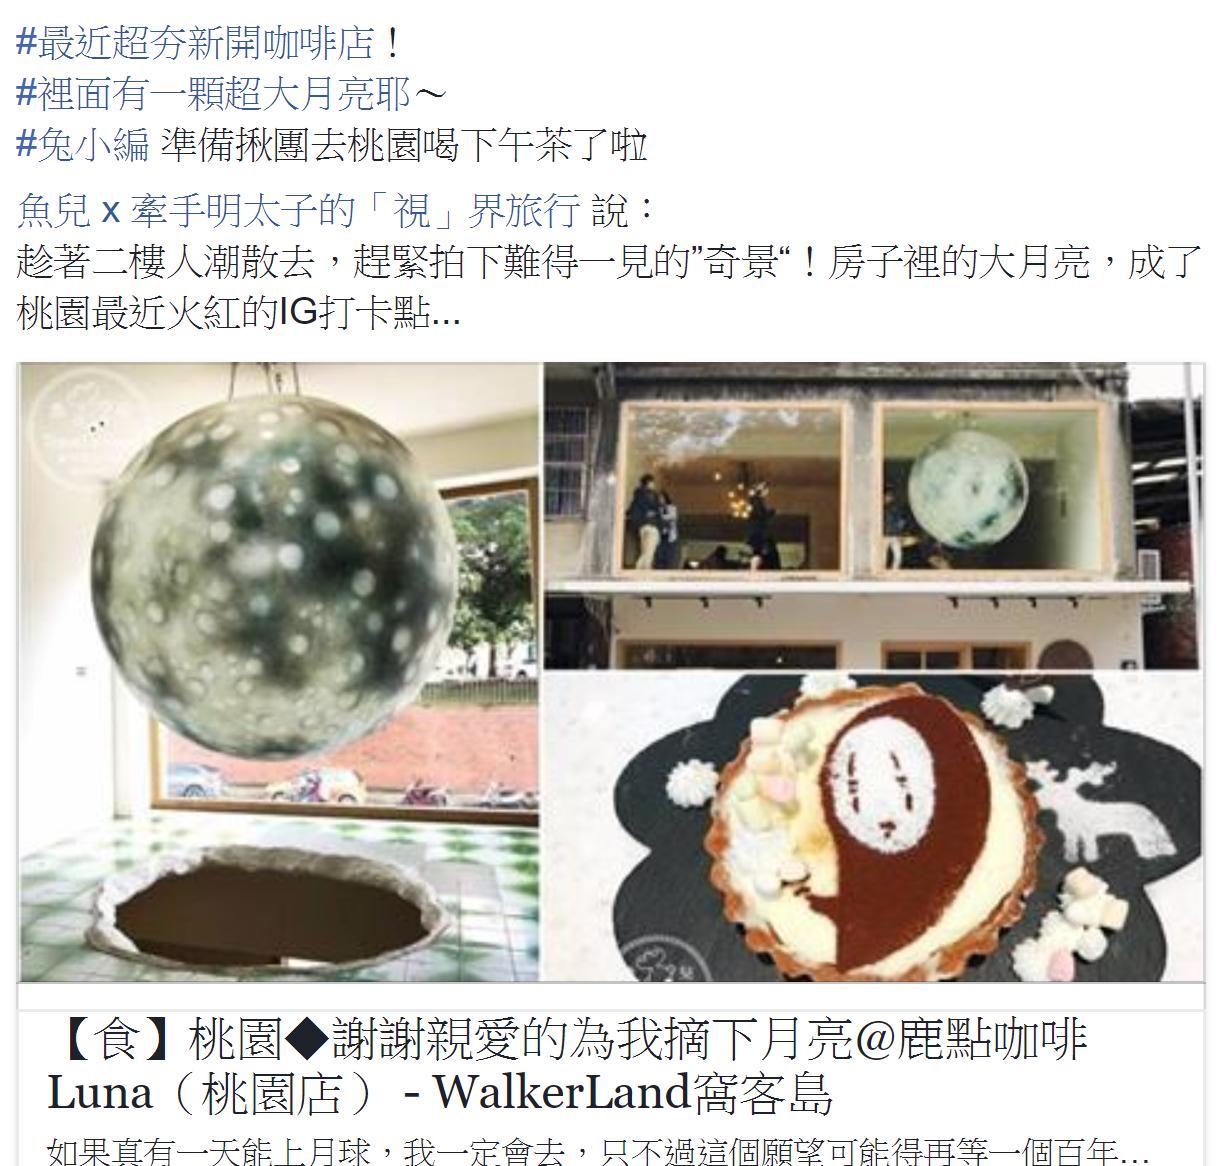 【食】桃園◆謝謝親愛的為我摘下月亮@鹿點咖啡Luna(桃園店) @魚兒 x 牽手明太子的「視」界旅行